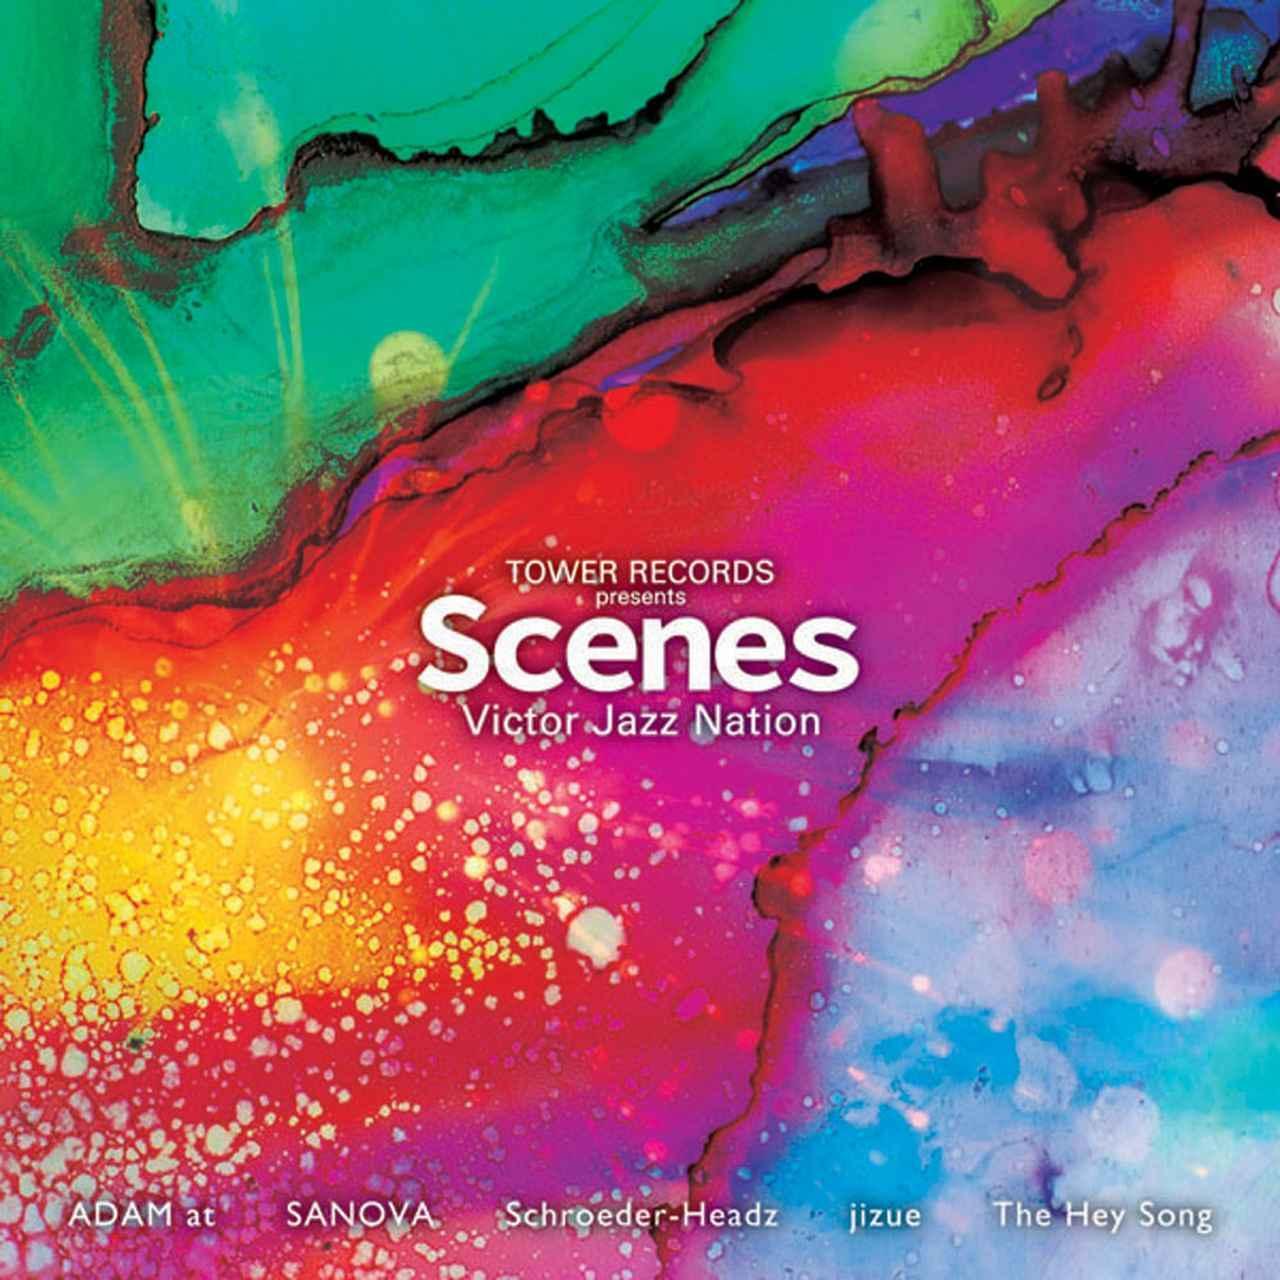 画像: 「TOWER RECORDS presents 『SCENES』 Victor Jazz Nation」